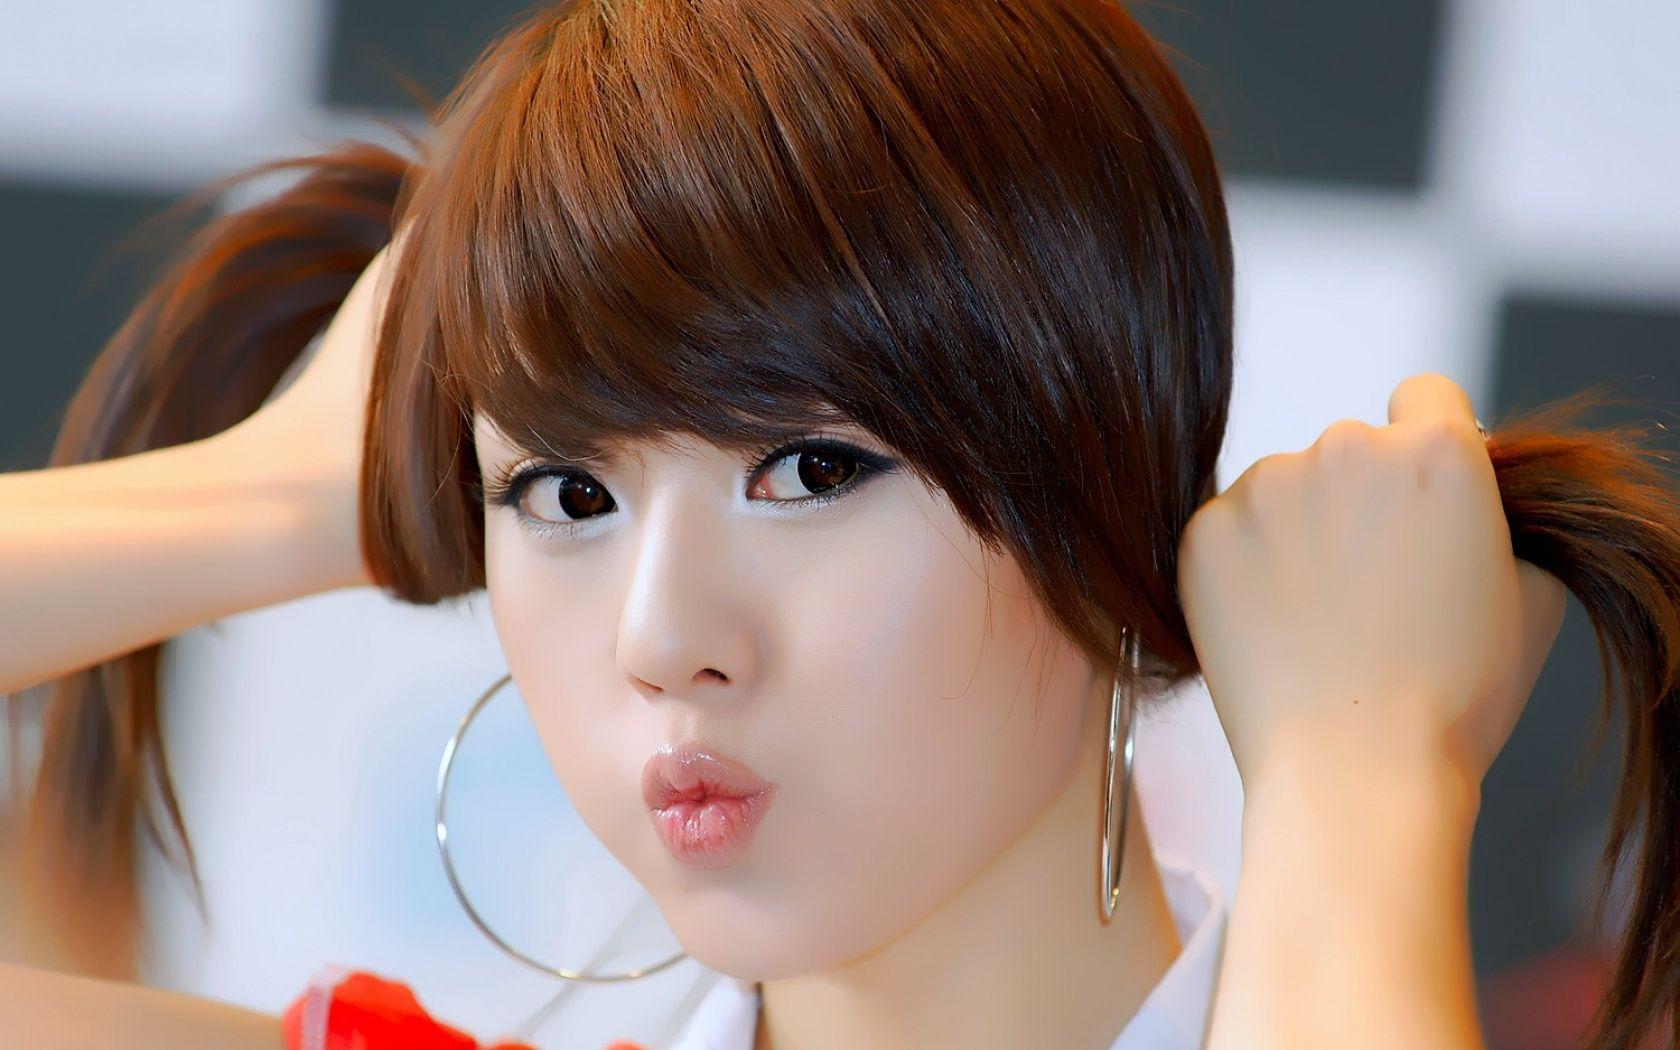 بالصور اجمل بنات كوريات في العالم , كوريا وبناتها الجميله 431 5